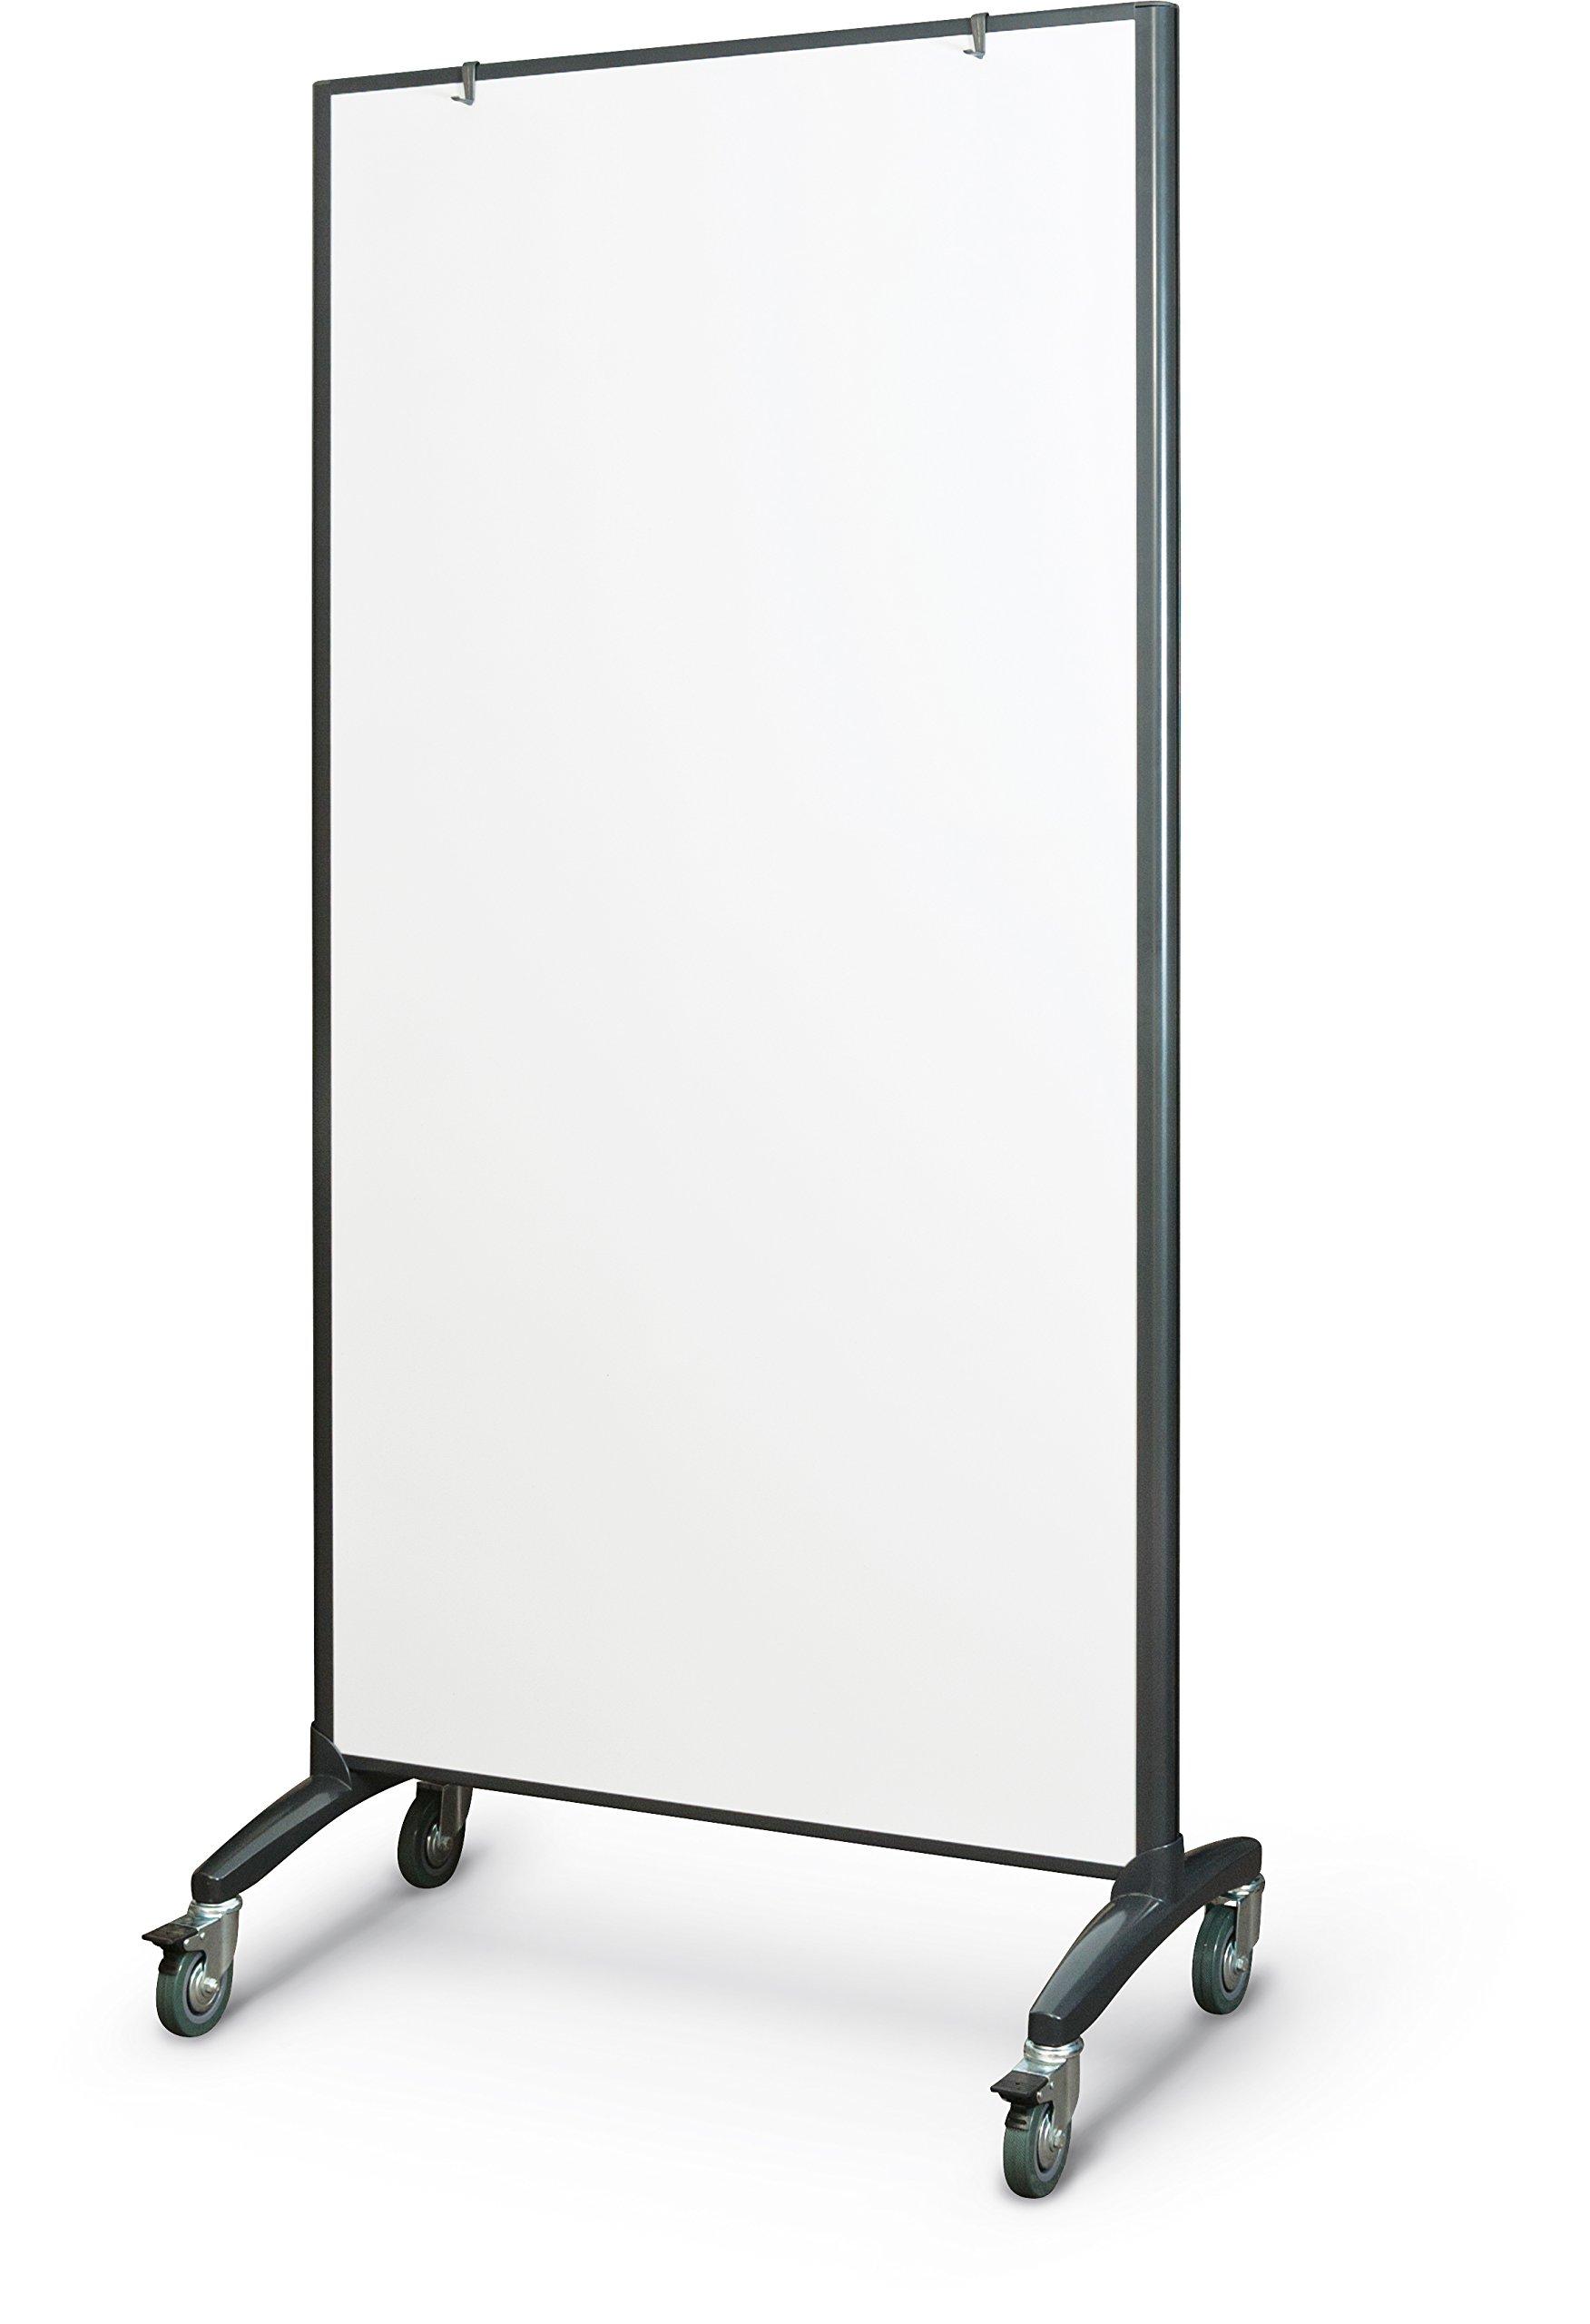 Trek Mobile Double Sided Dry Erase Whiteboard Easel Room Divider, 65''H x 34.75''W, Black Frame (62406)